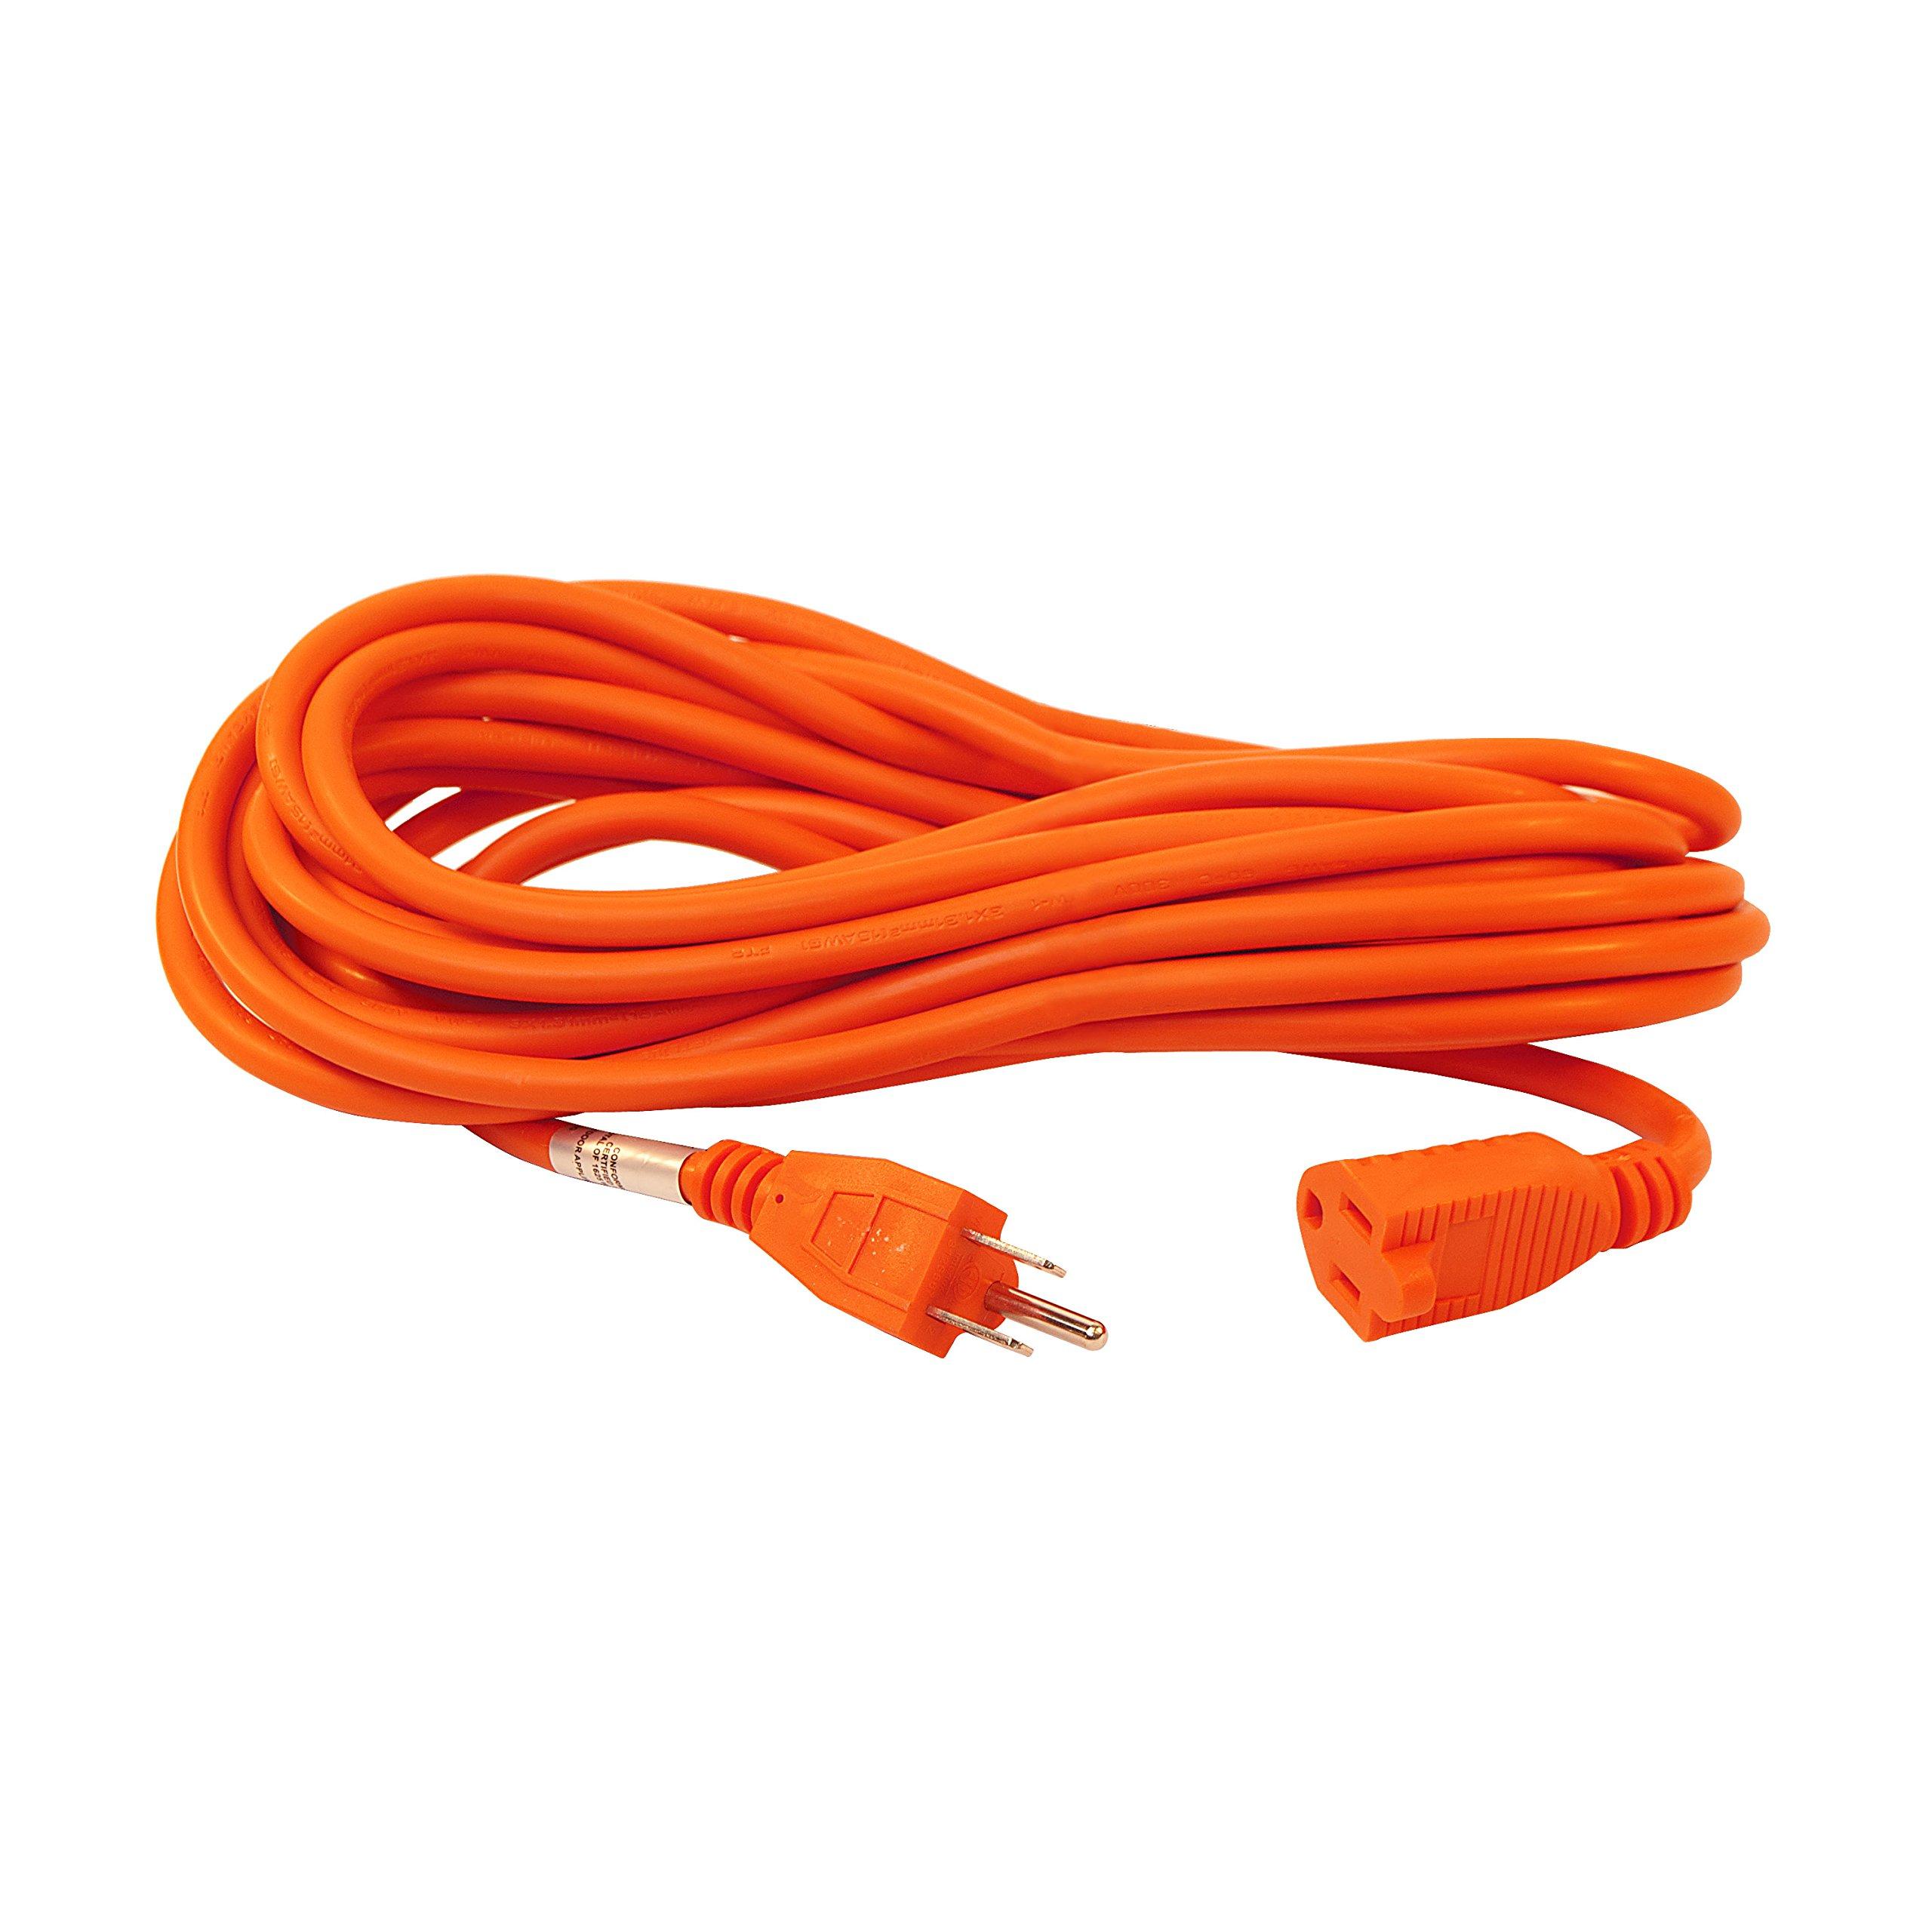 ALEKO ECOI163G20FT Heavy Duty Extension Cord Indoor Outdoor Extension Cord ETL Certified SJTW Plug 16/3 Gauge 125 Volt 20 Feet Orange